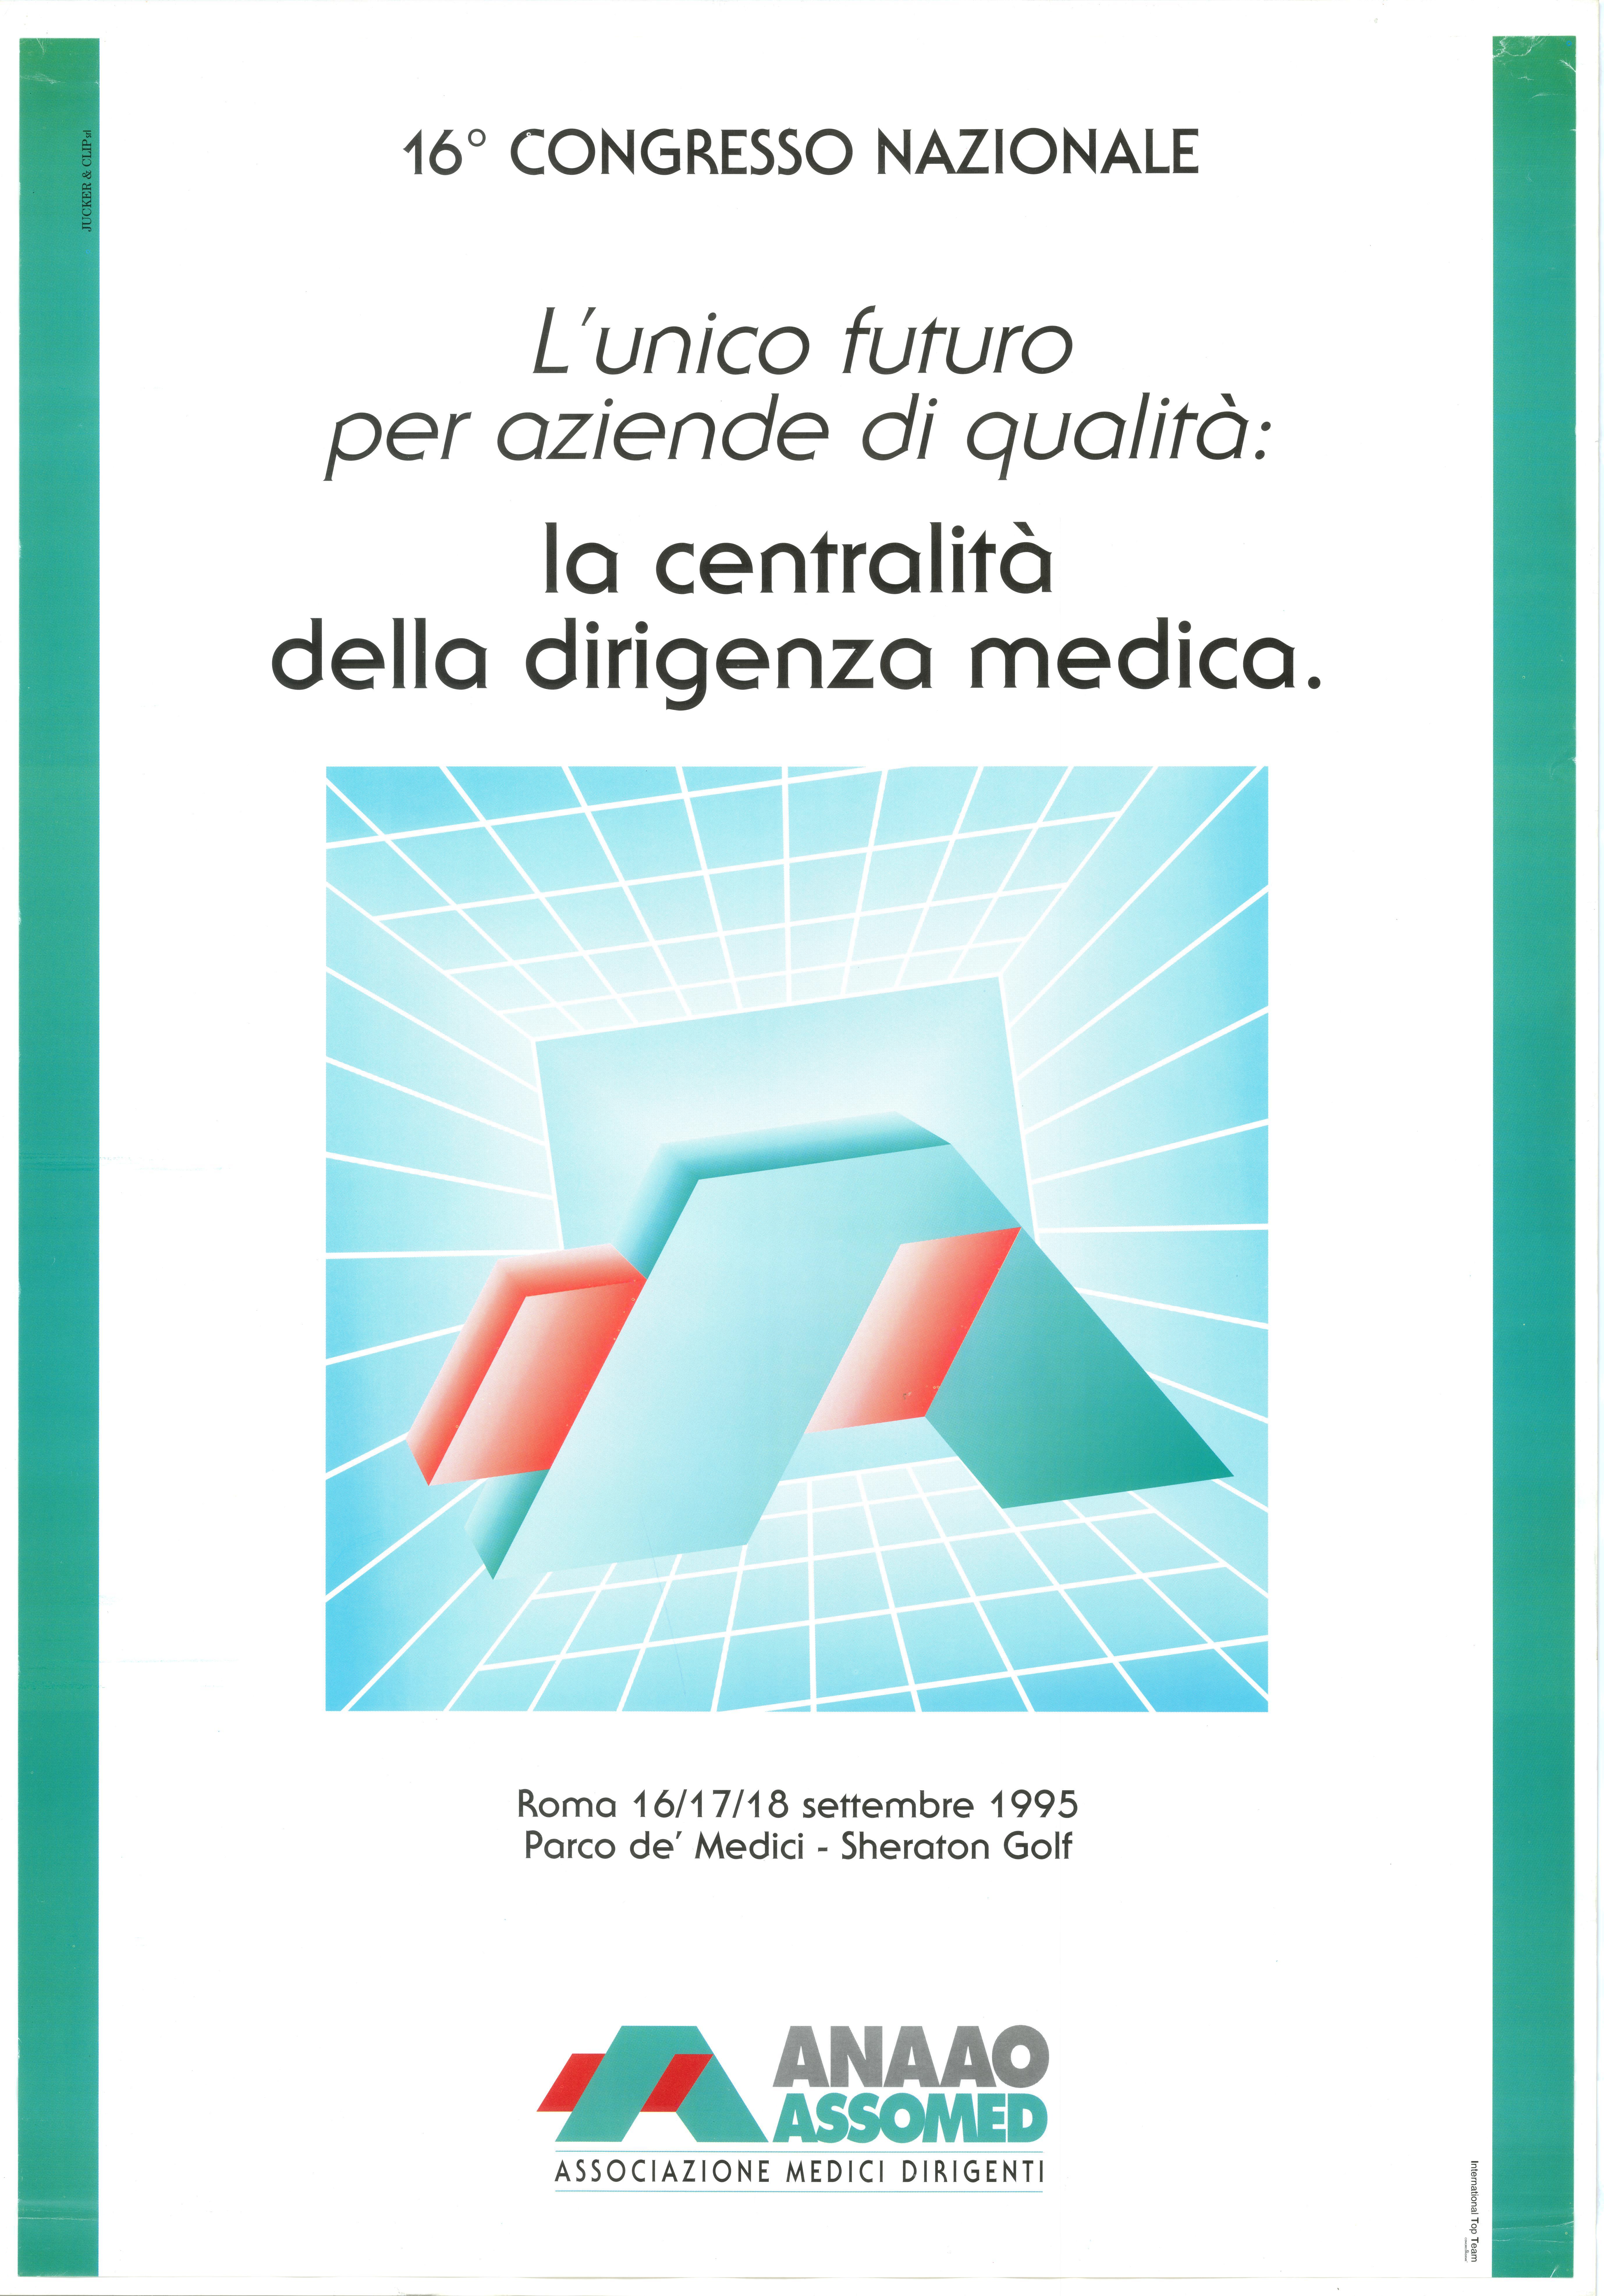 16° Congresso Nazionale Anaao Assomed Roma 16 17 18 giugno 1995